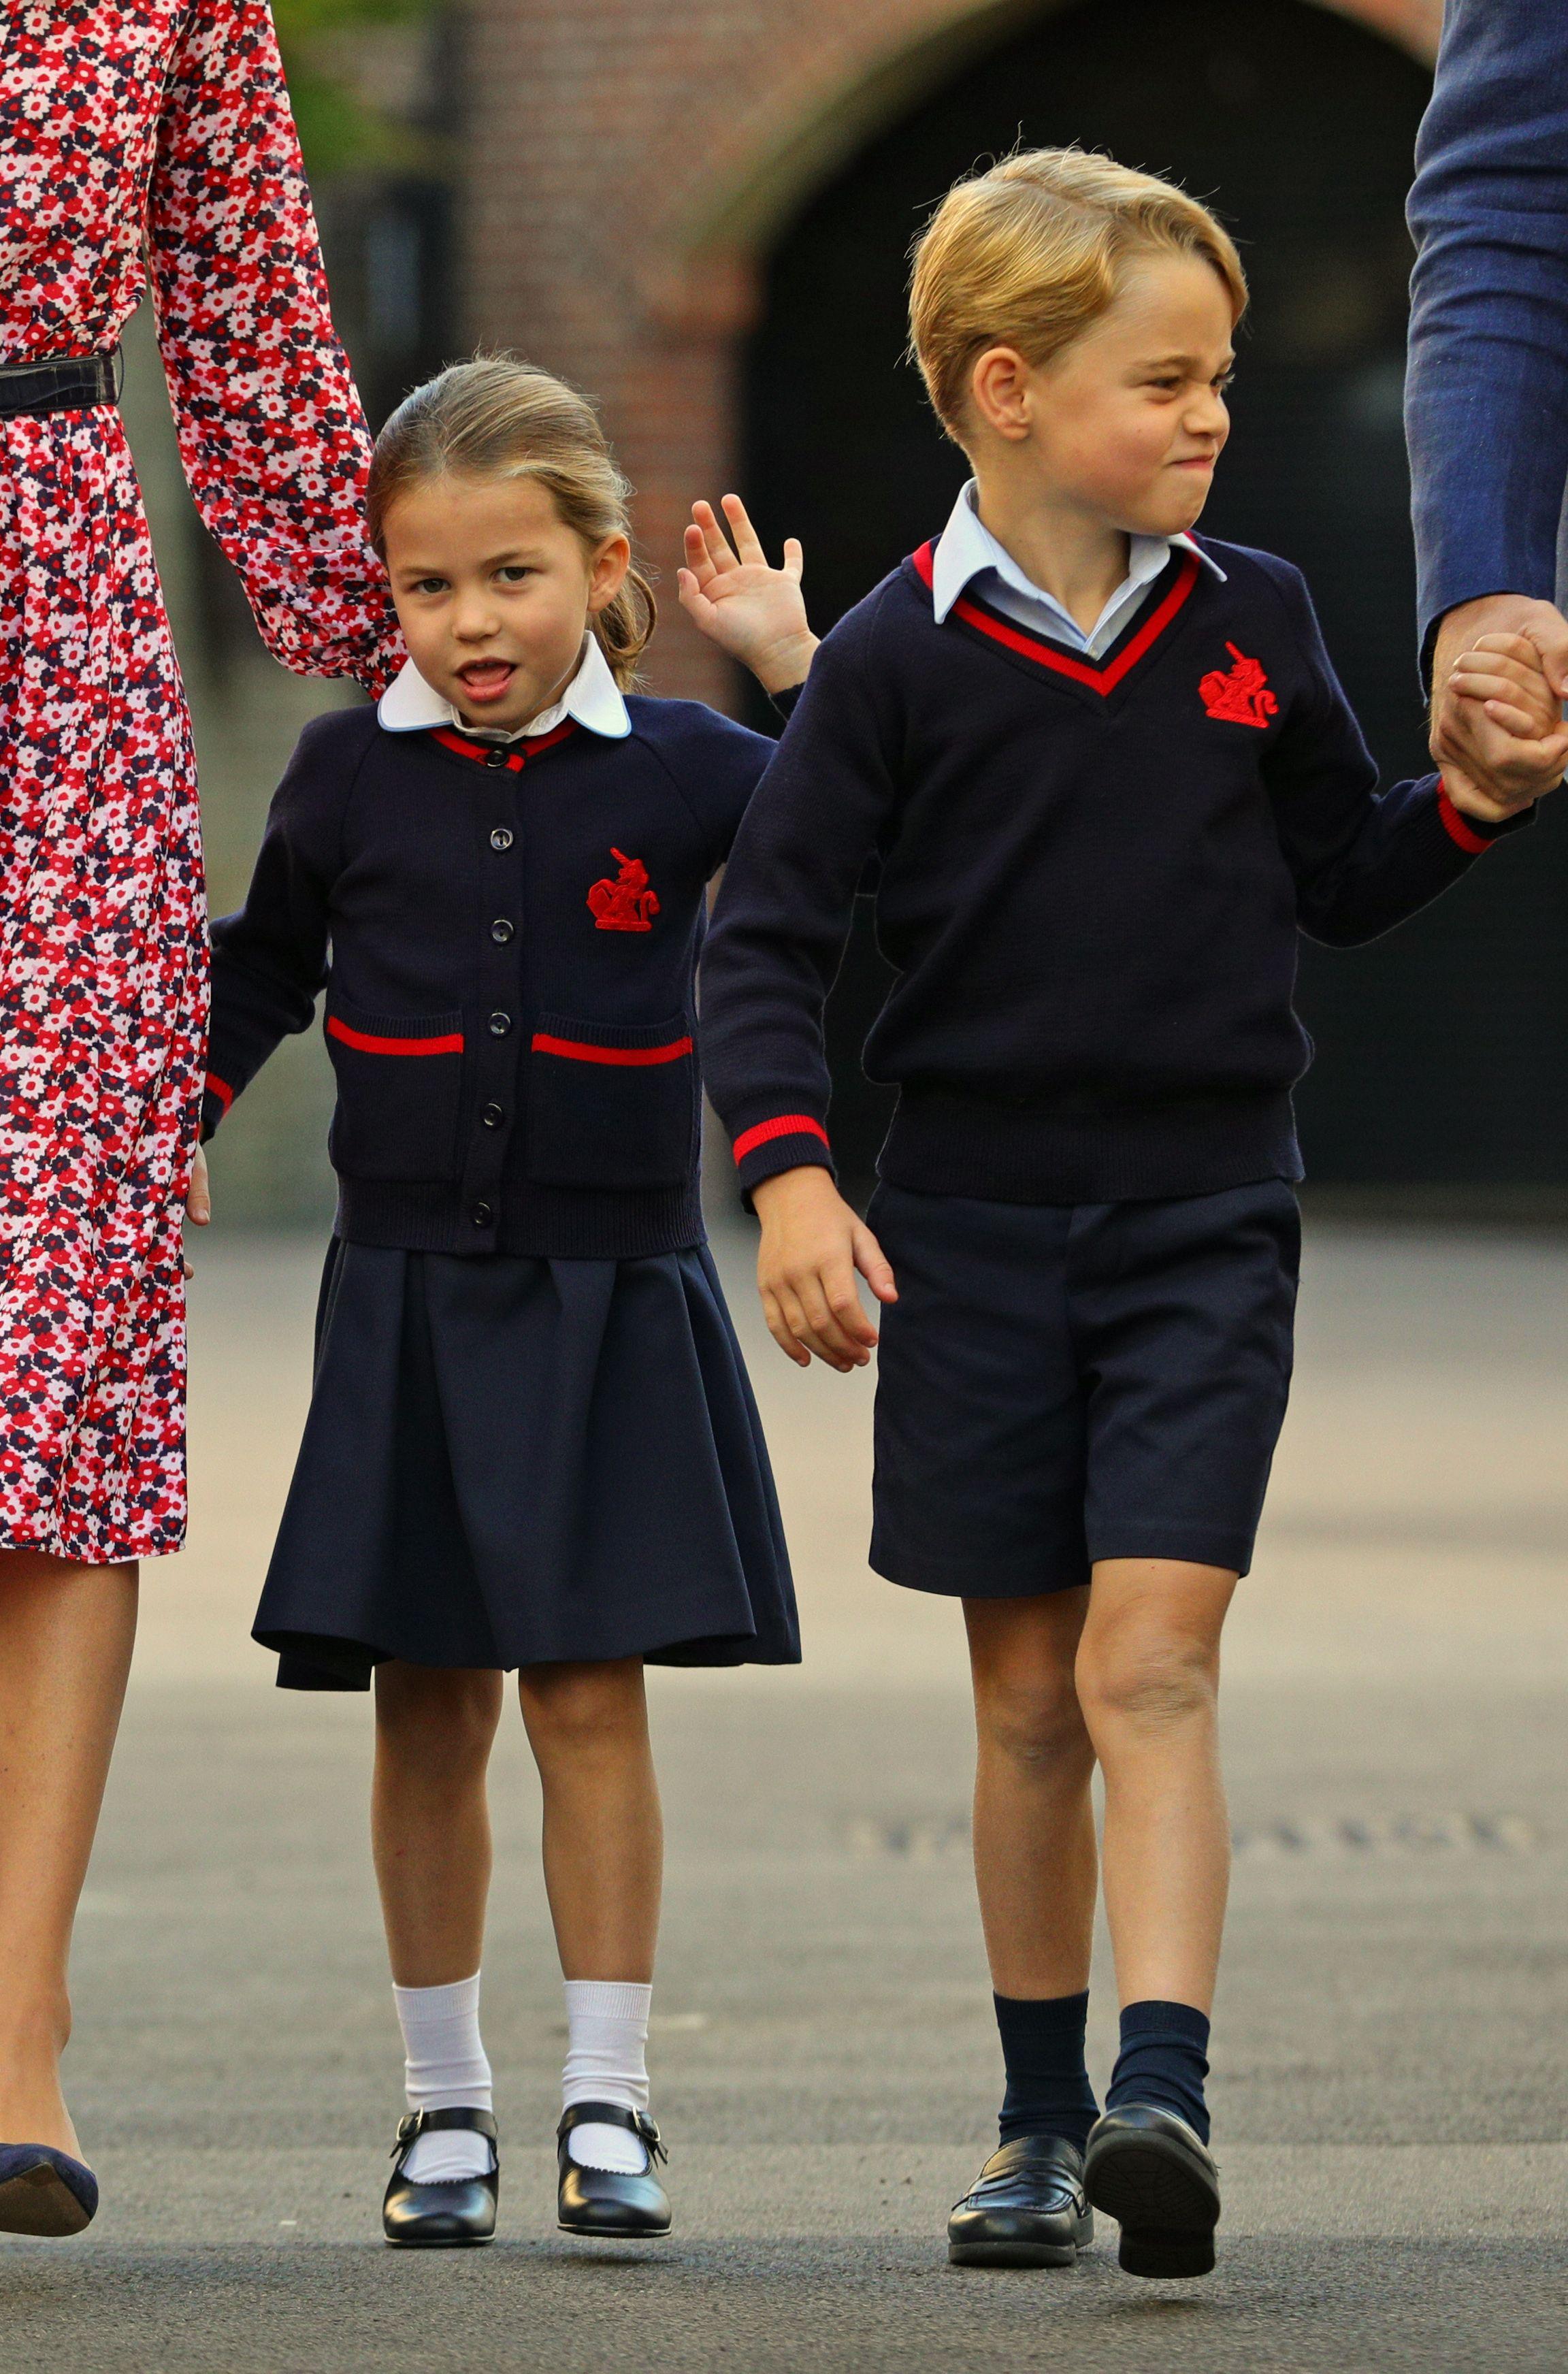 Divan duo: Veliki brat George s roditeljima doveo sestricu Charlotte prvi dan u školu